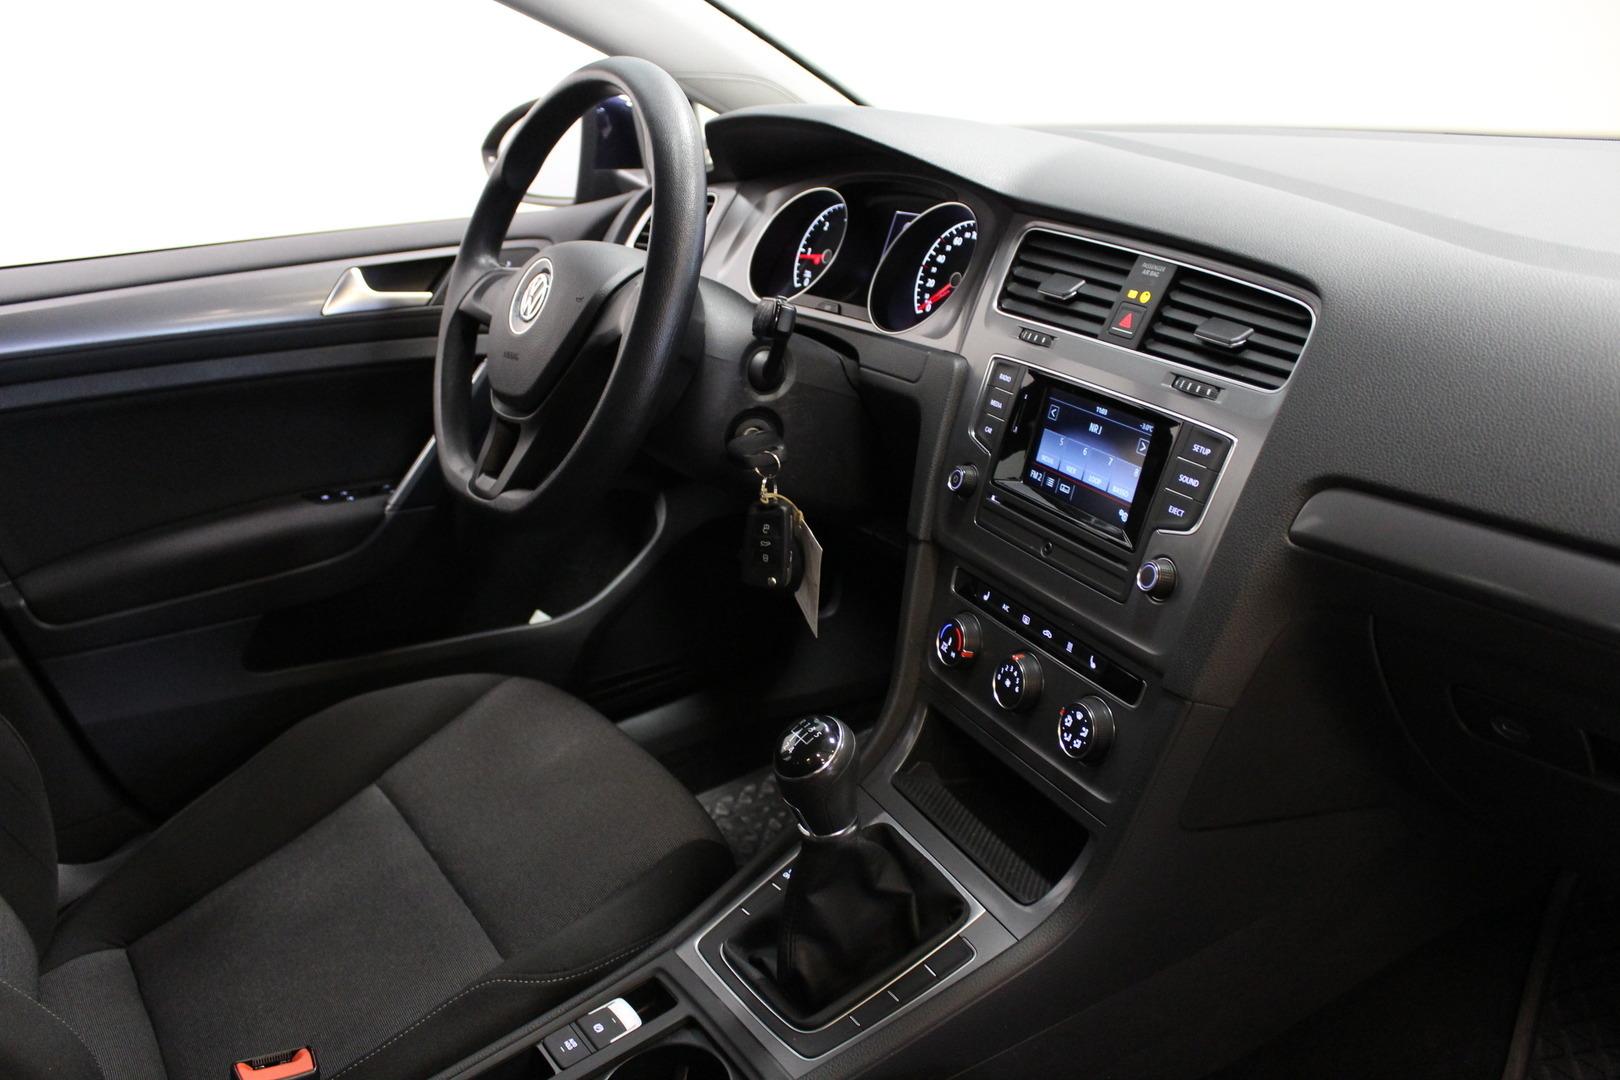 Volkswagen Golf, 1,6 TDI (90 hv) BlueMotion Technology #Webasto #1-Omisteinen #Siisti **Juuri tullut**